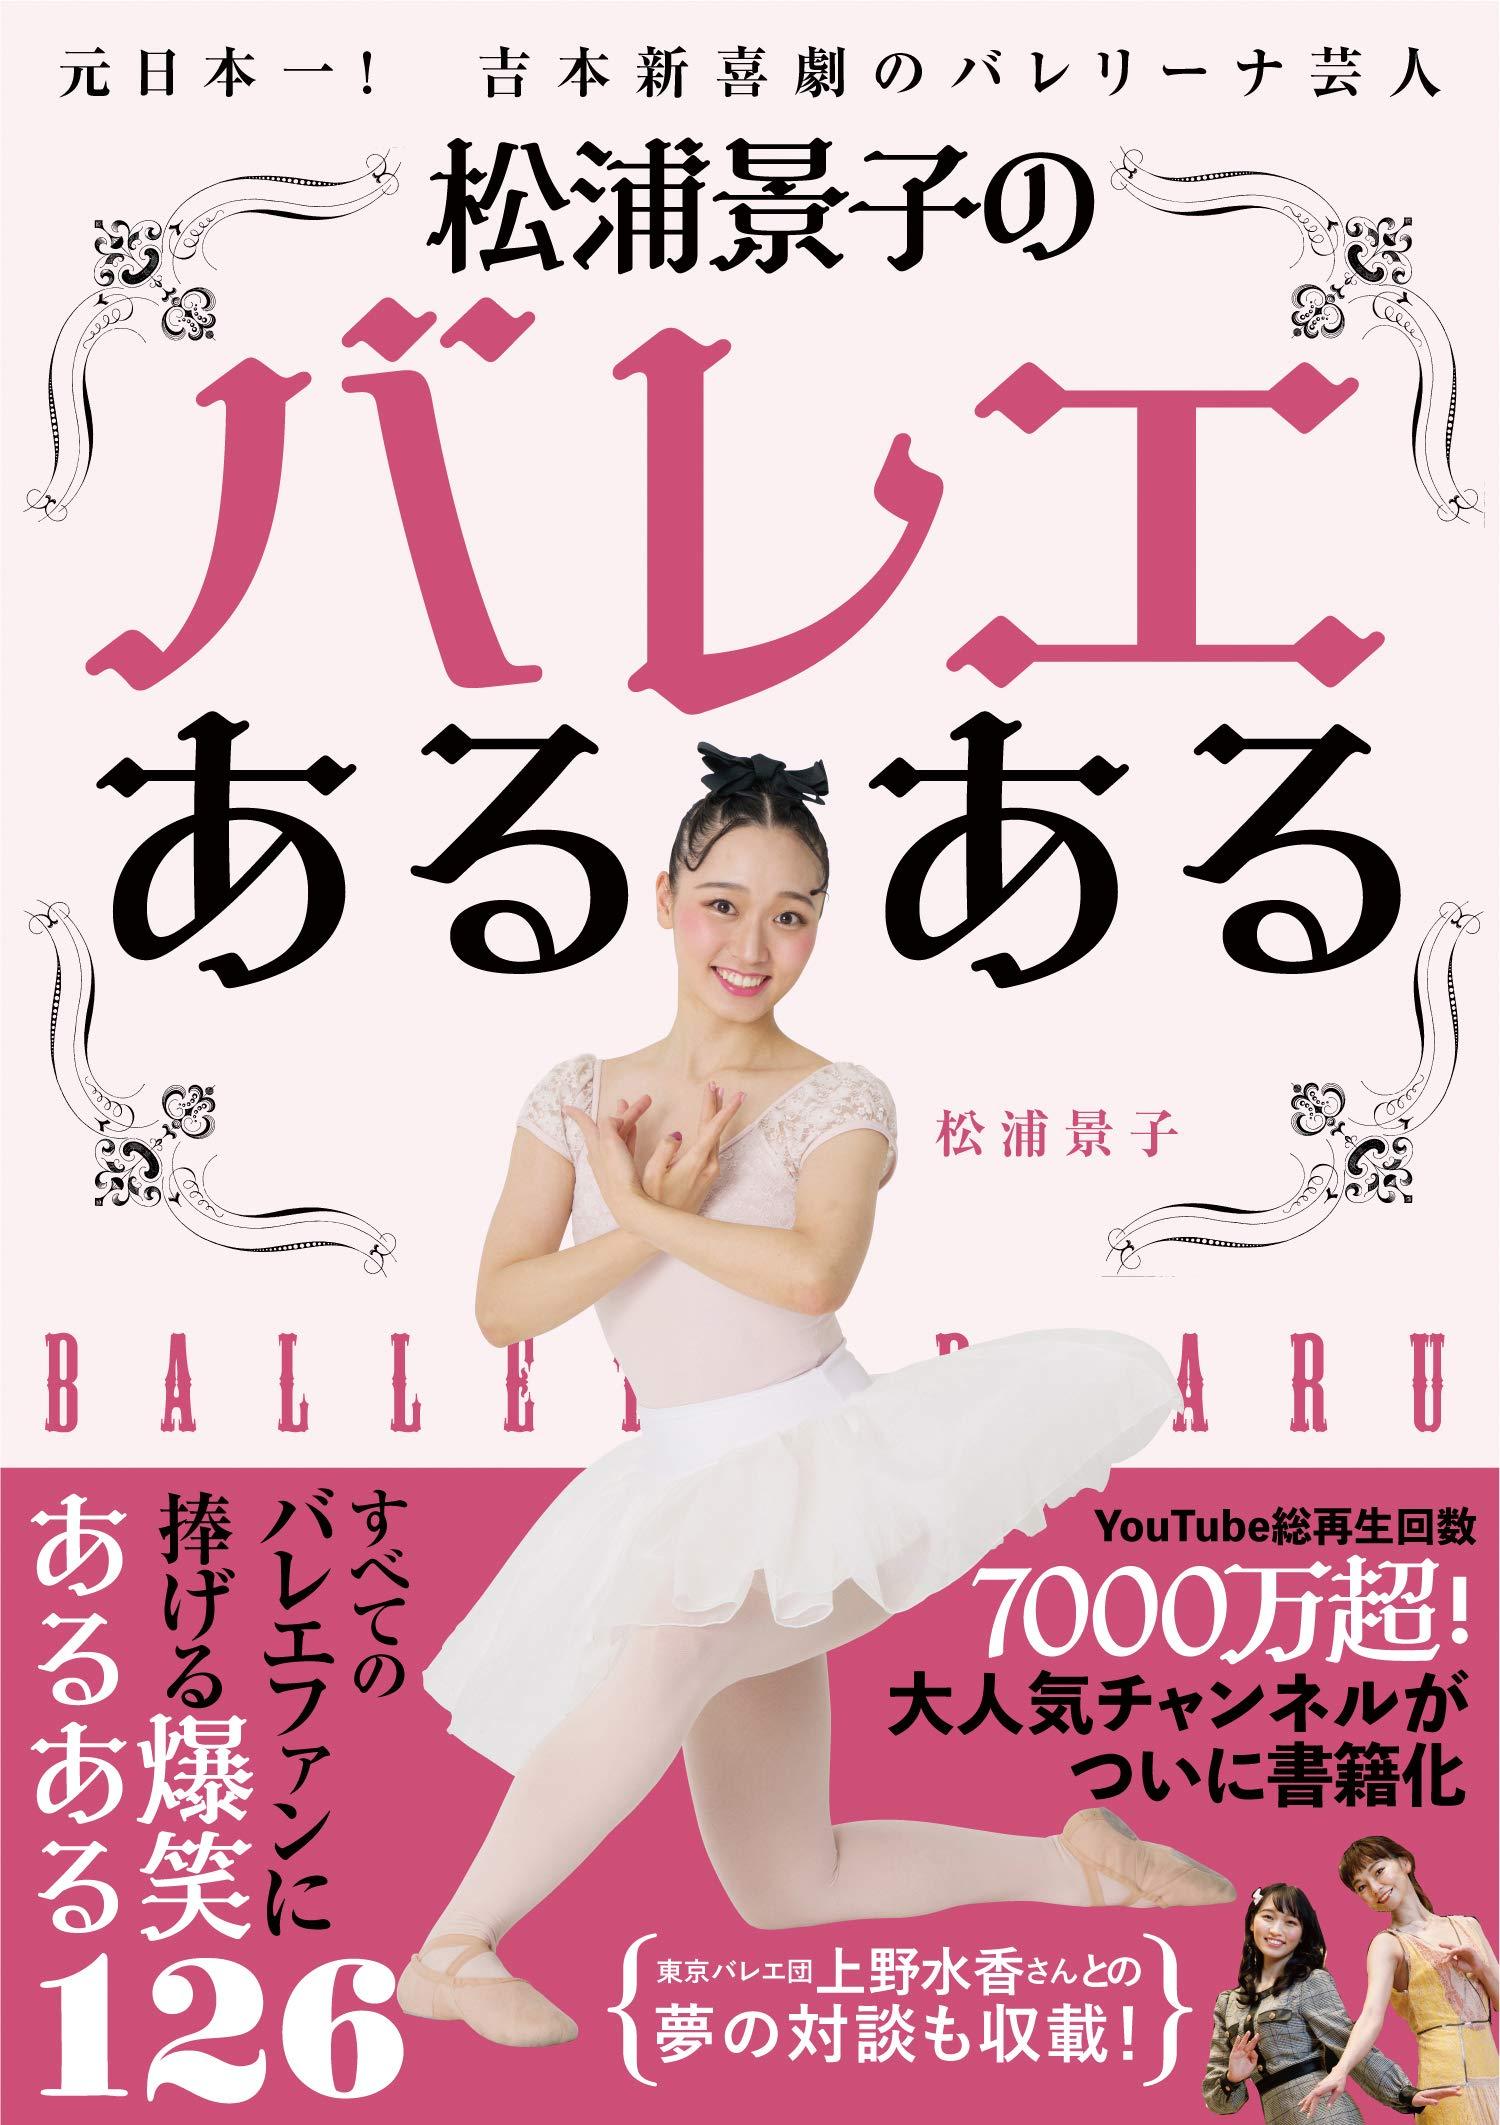 松浦 吉本 バレエ 吉本新喜劇の松浦景子が著書のOLサイン会 クラシックバレエ経験者の異色女優